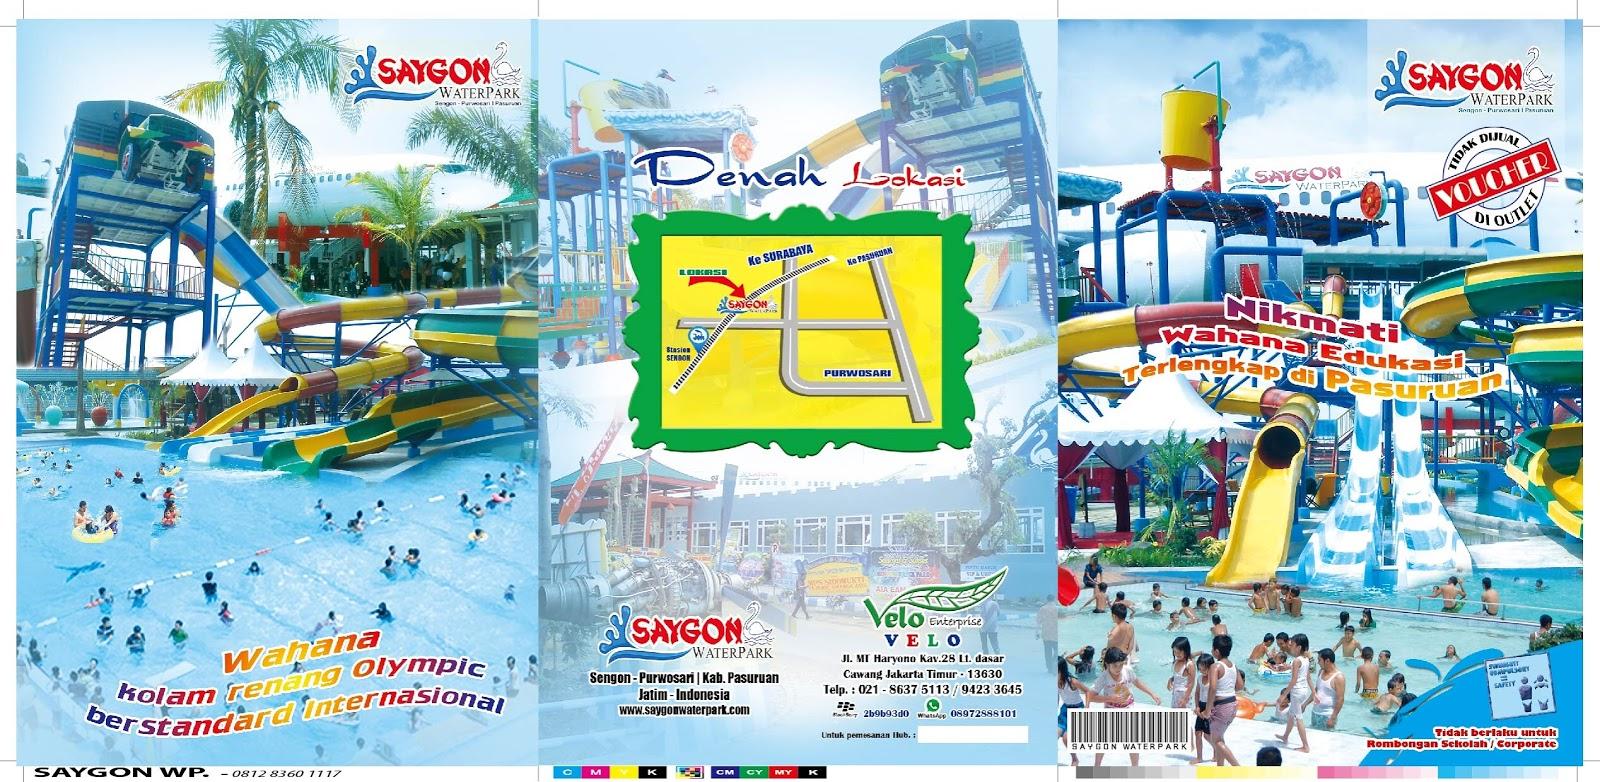 Harga Tiket Masuk Saygon Waterpark Pasuruan Terbaru 2016 Taman Air